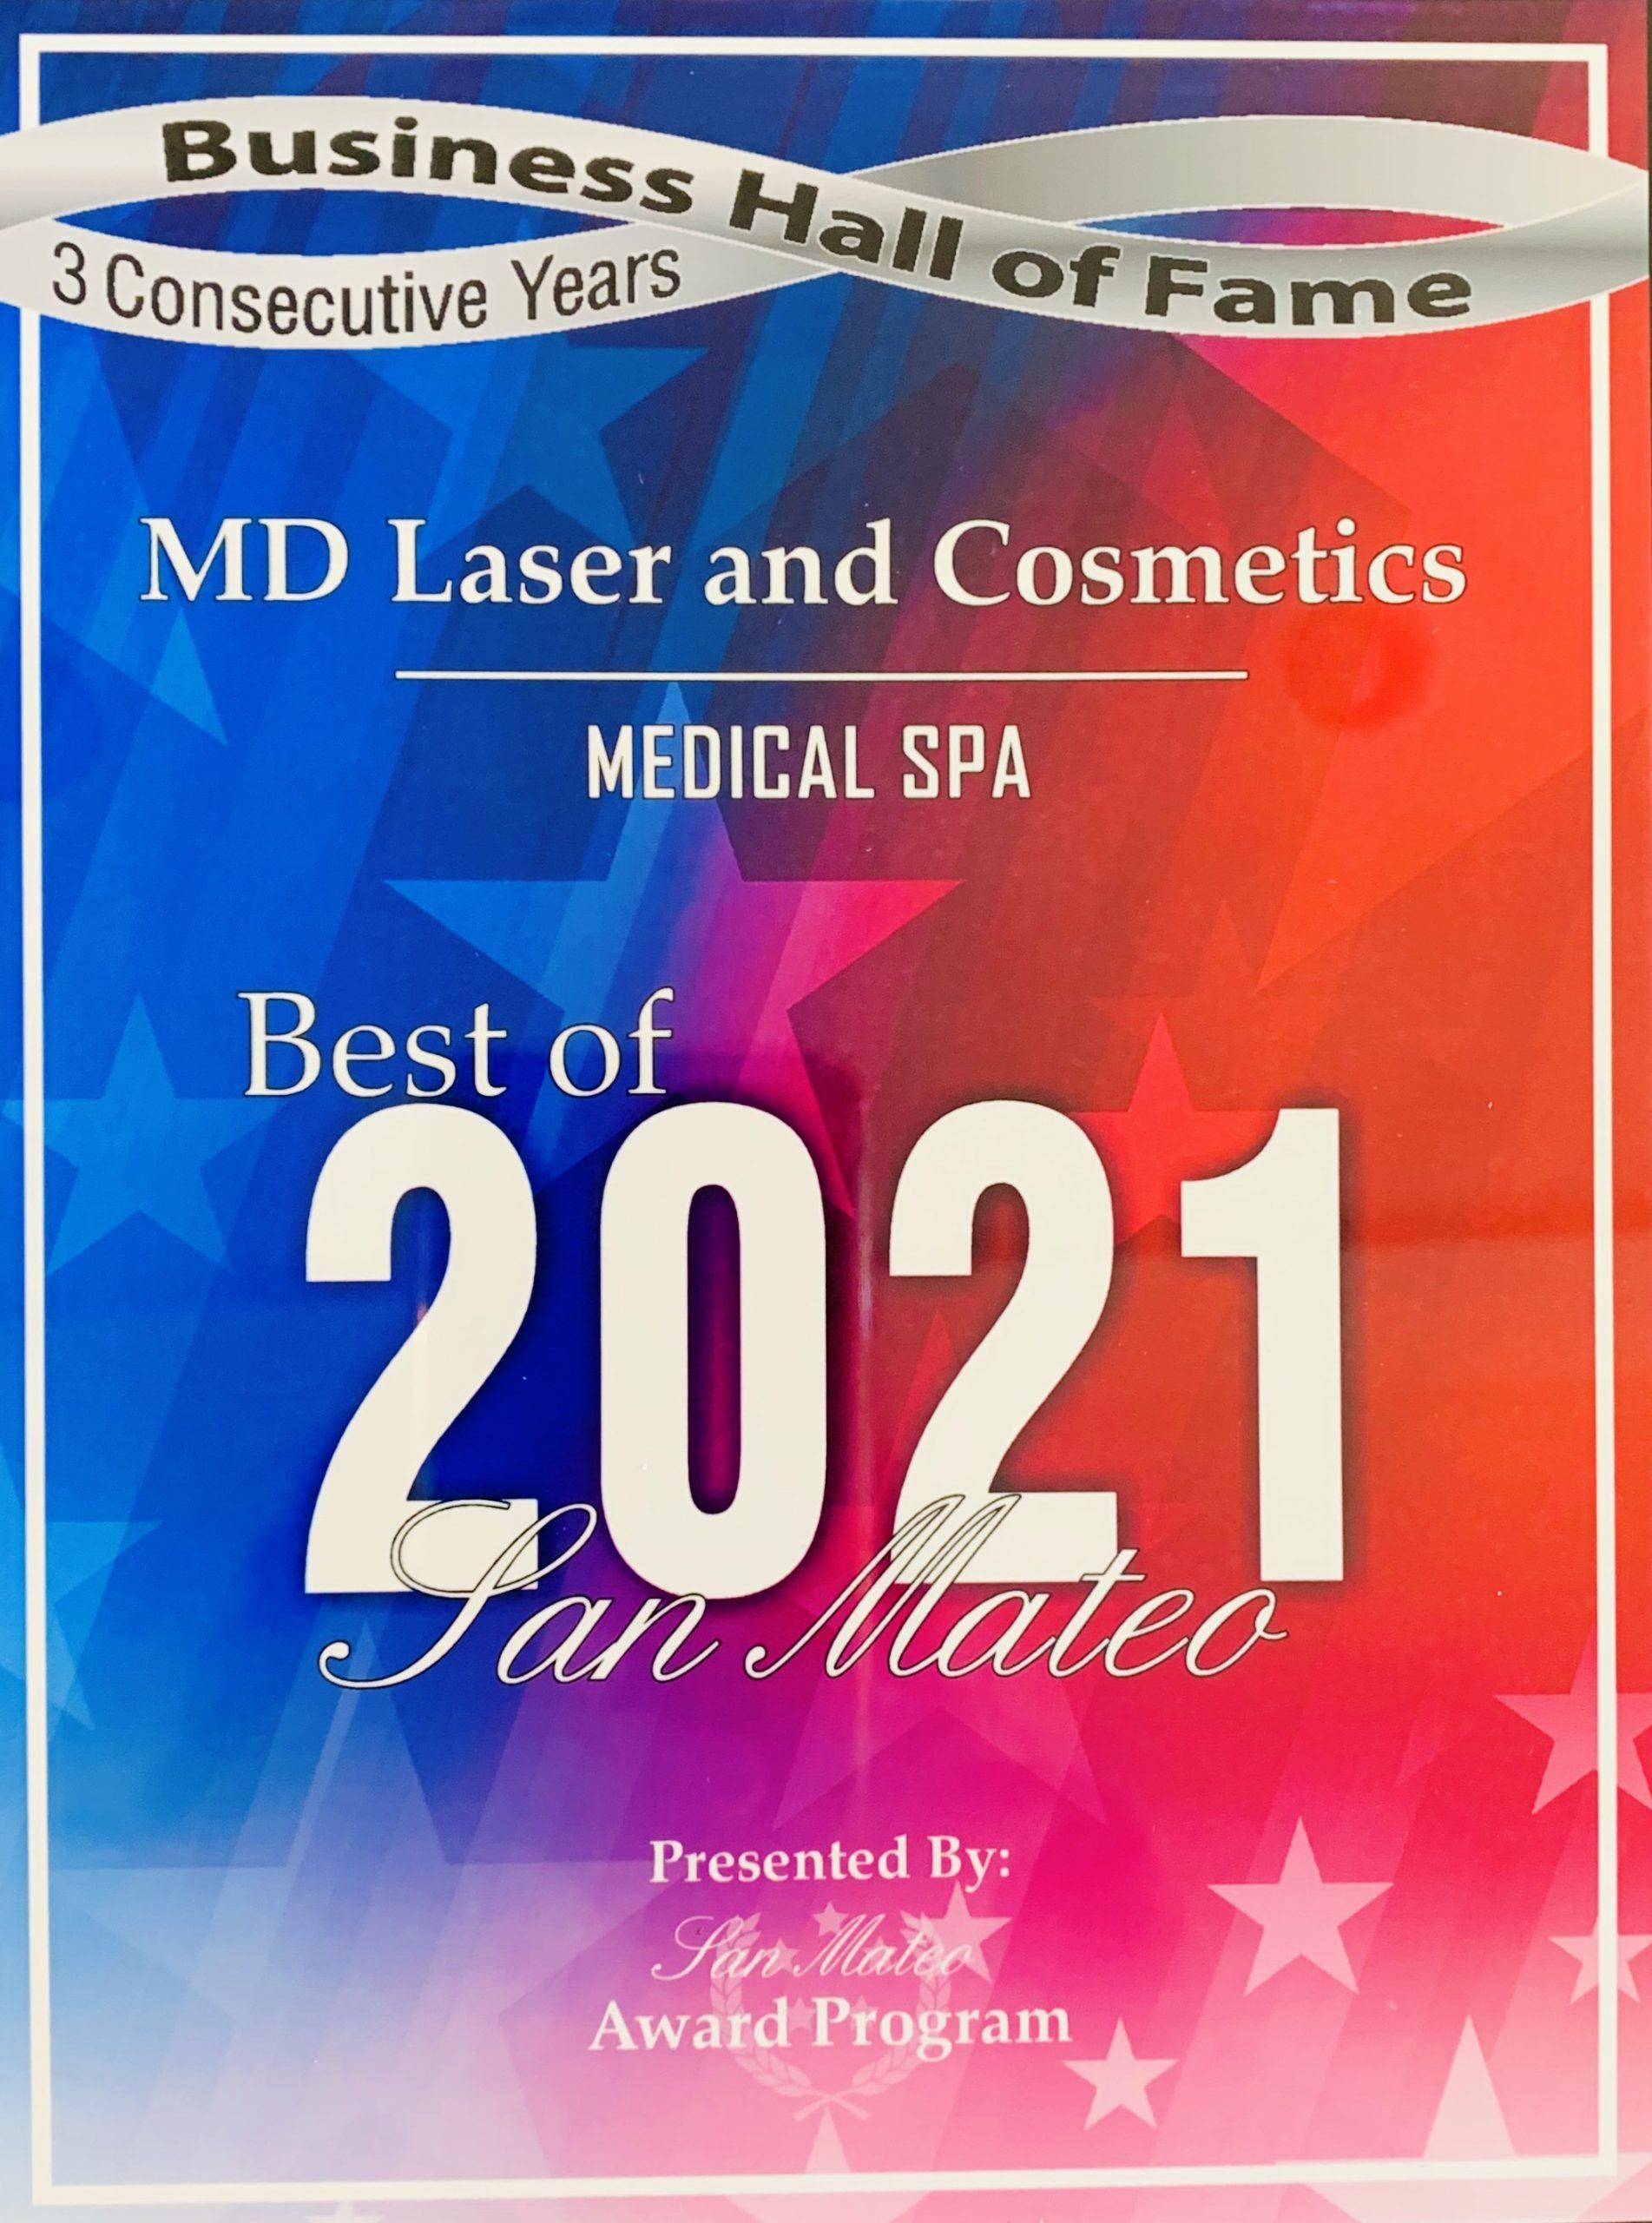 MD Laser 2021 Award